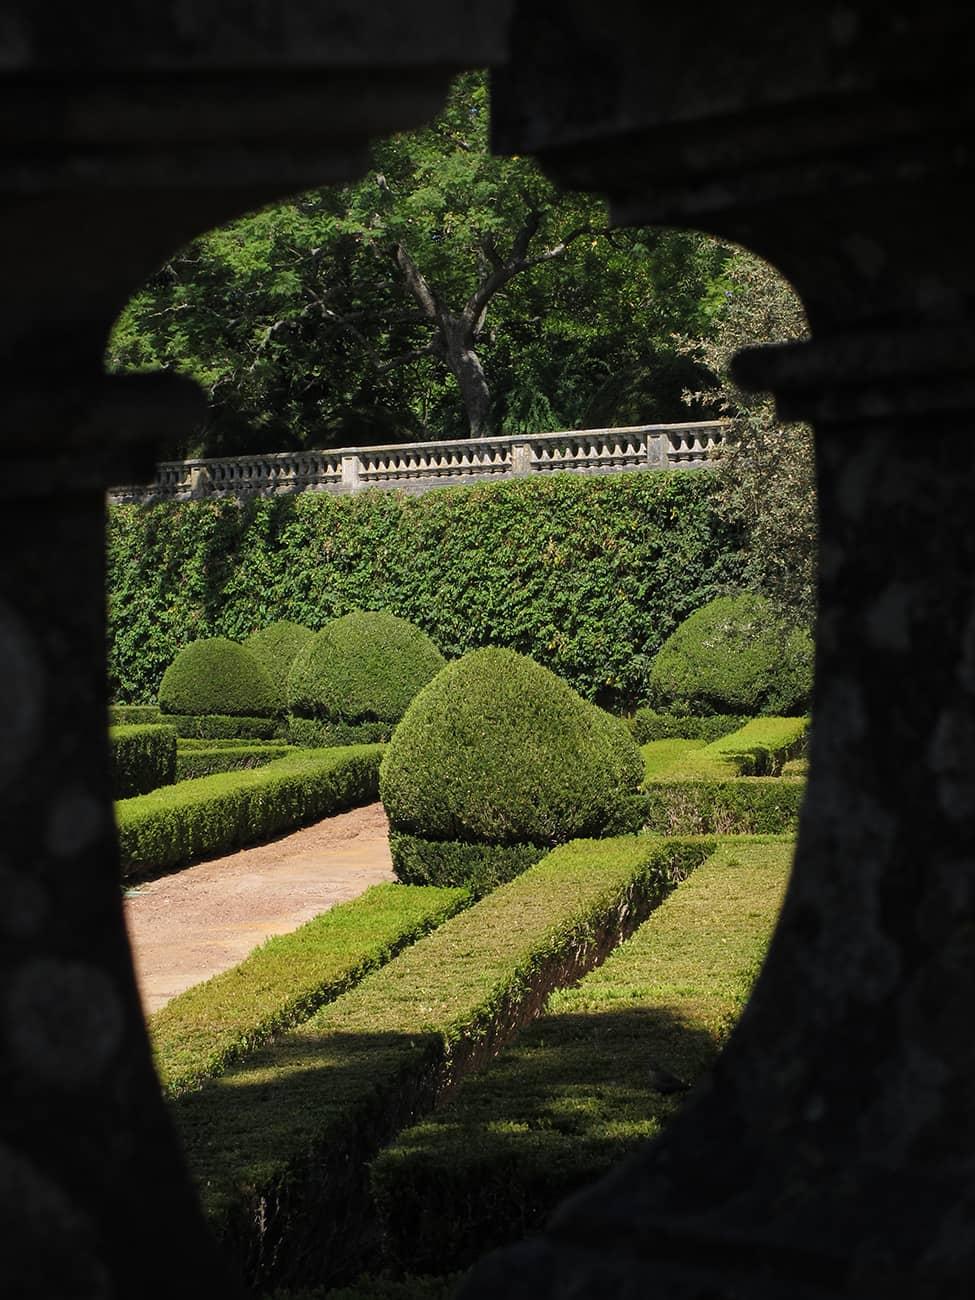 jardim-ajuda-lisboa-16